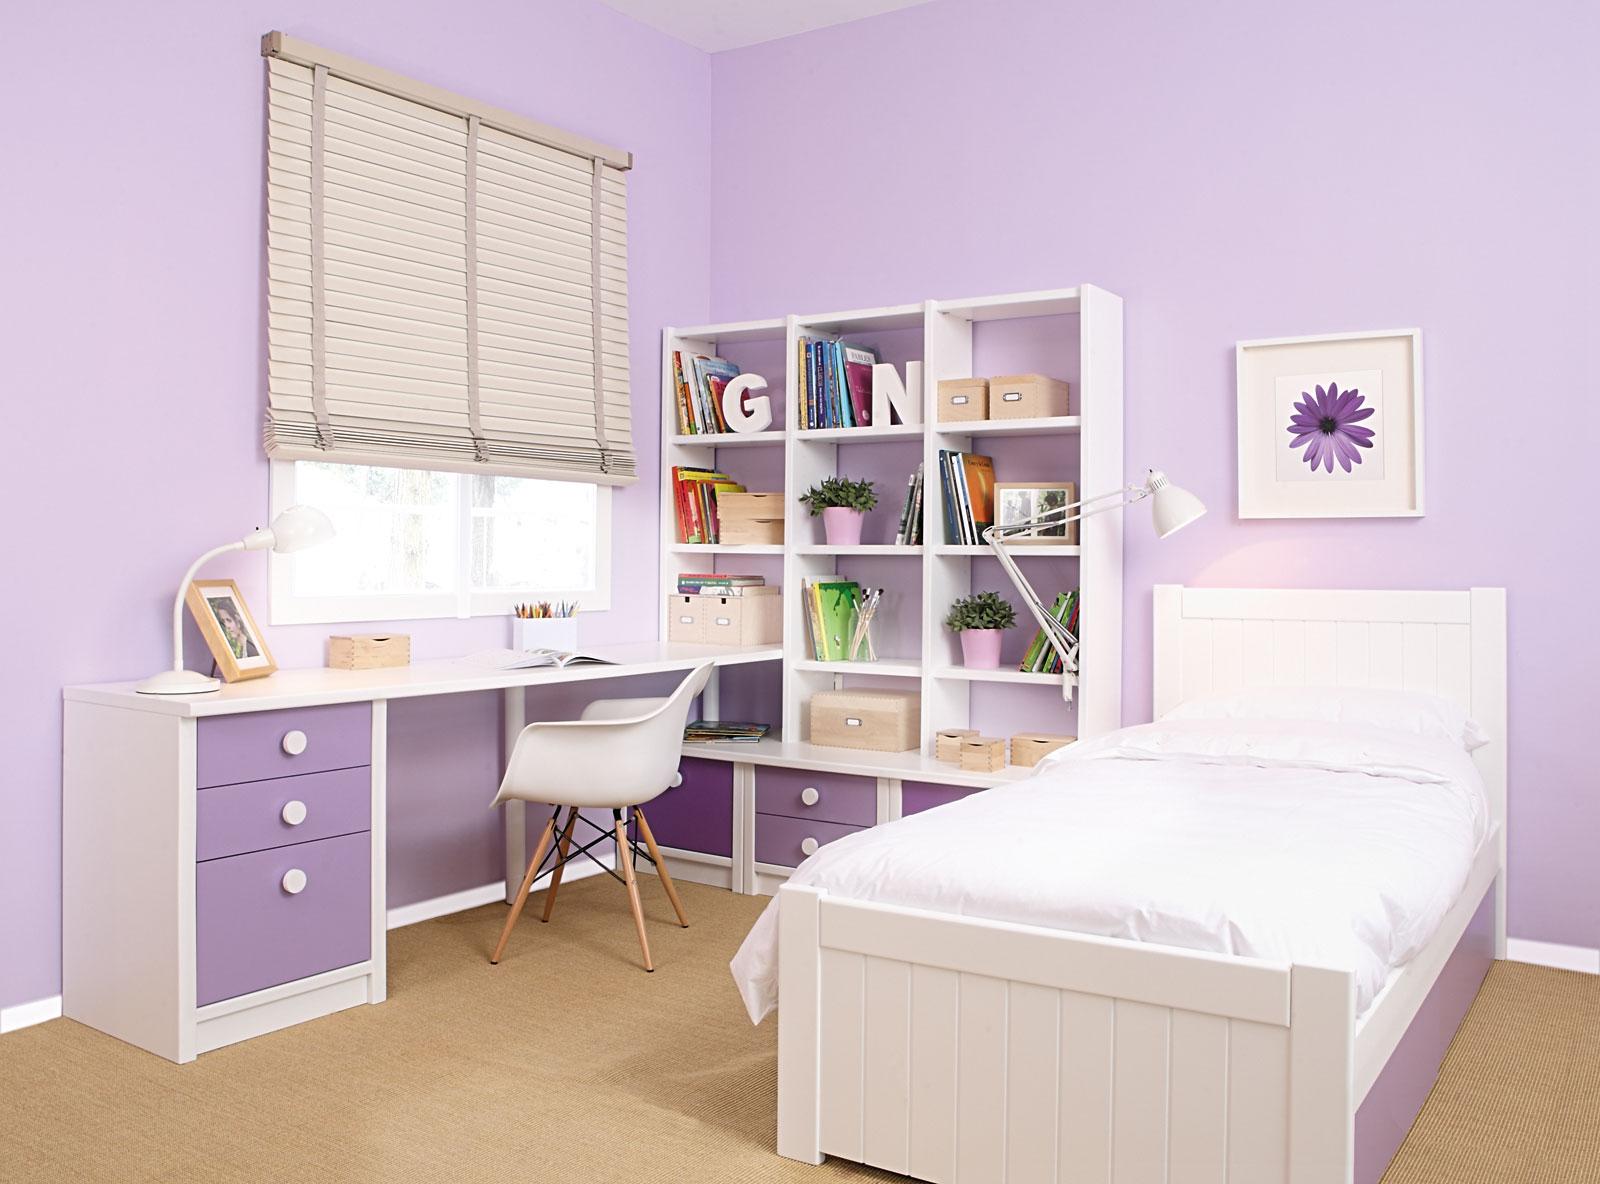 10 Dormitorios Juveniles Modernos Ideas Para Decorar Disenar Y - Decoracion-dormitorios-juveniles-modernos